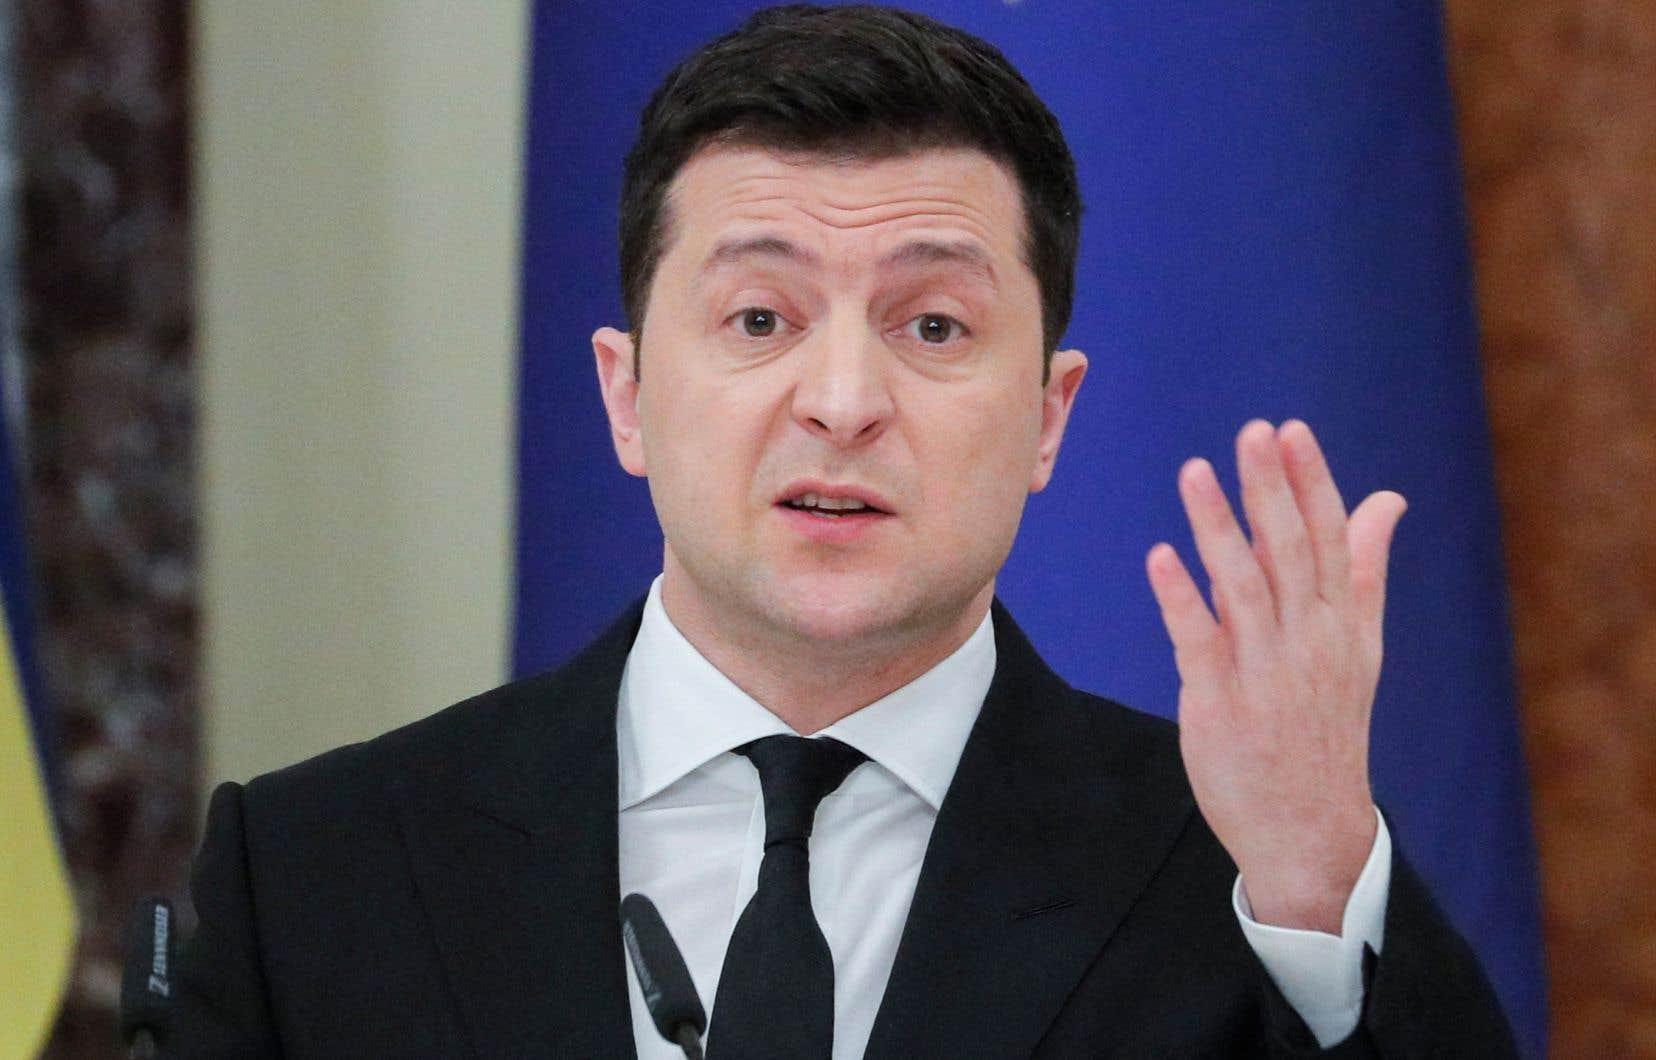 Le président ukrainien, Volodymyr Zelensky, a appelé mardi l'OTAN à accélérer l'adhésion de son pays afin d'envoyer un «vrai signal» à la Russie.